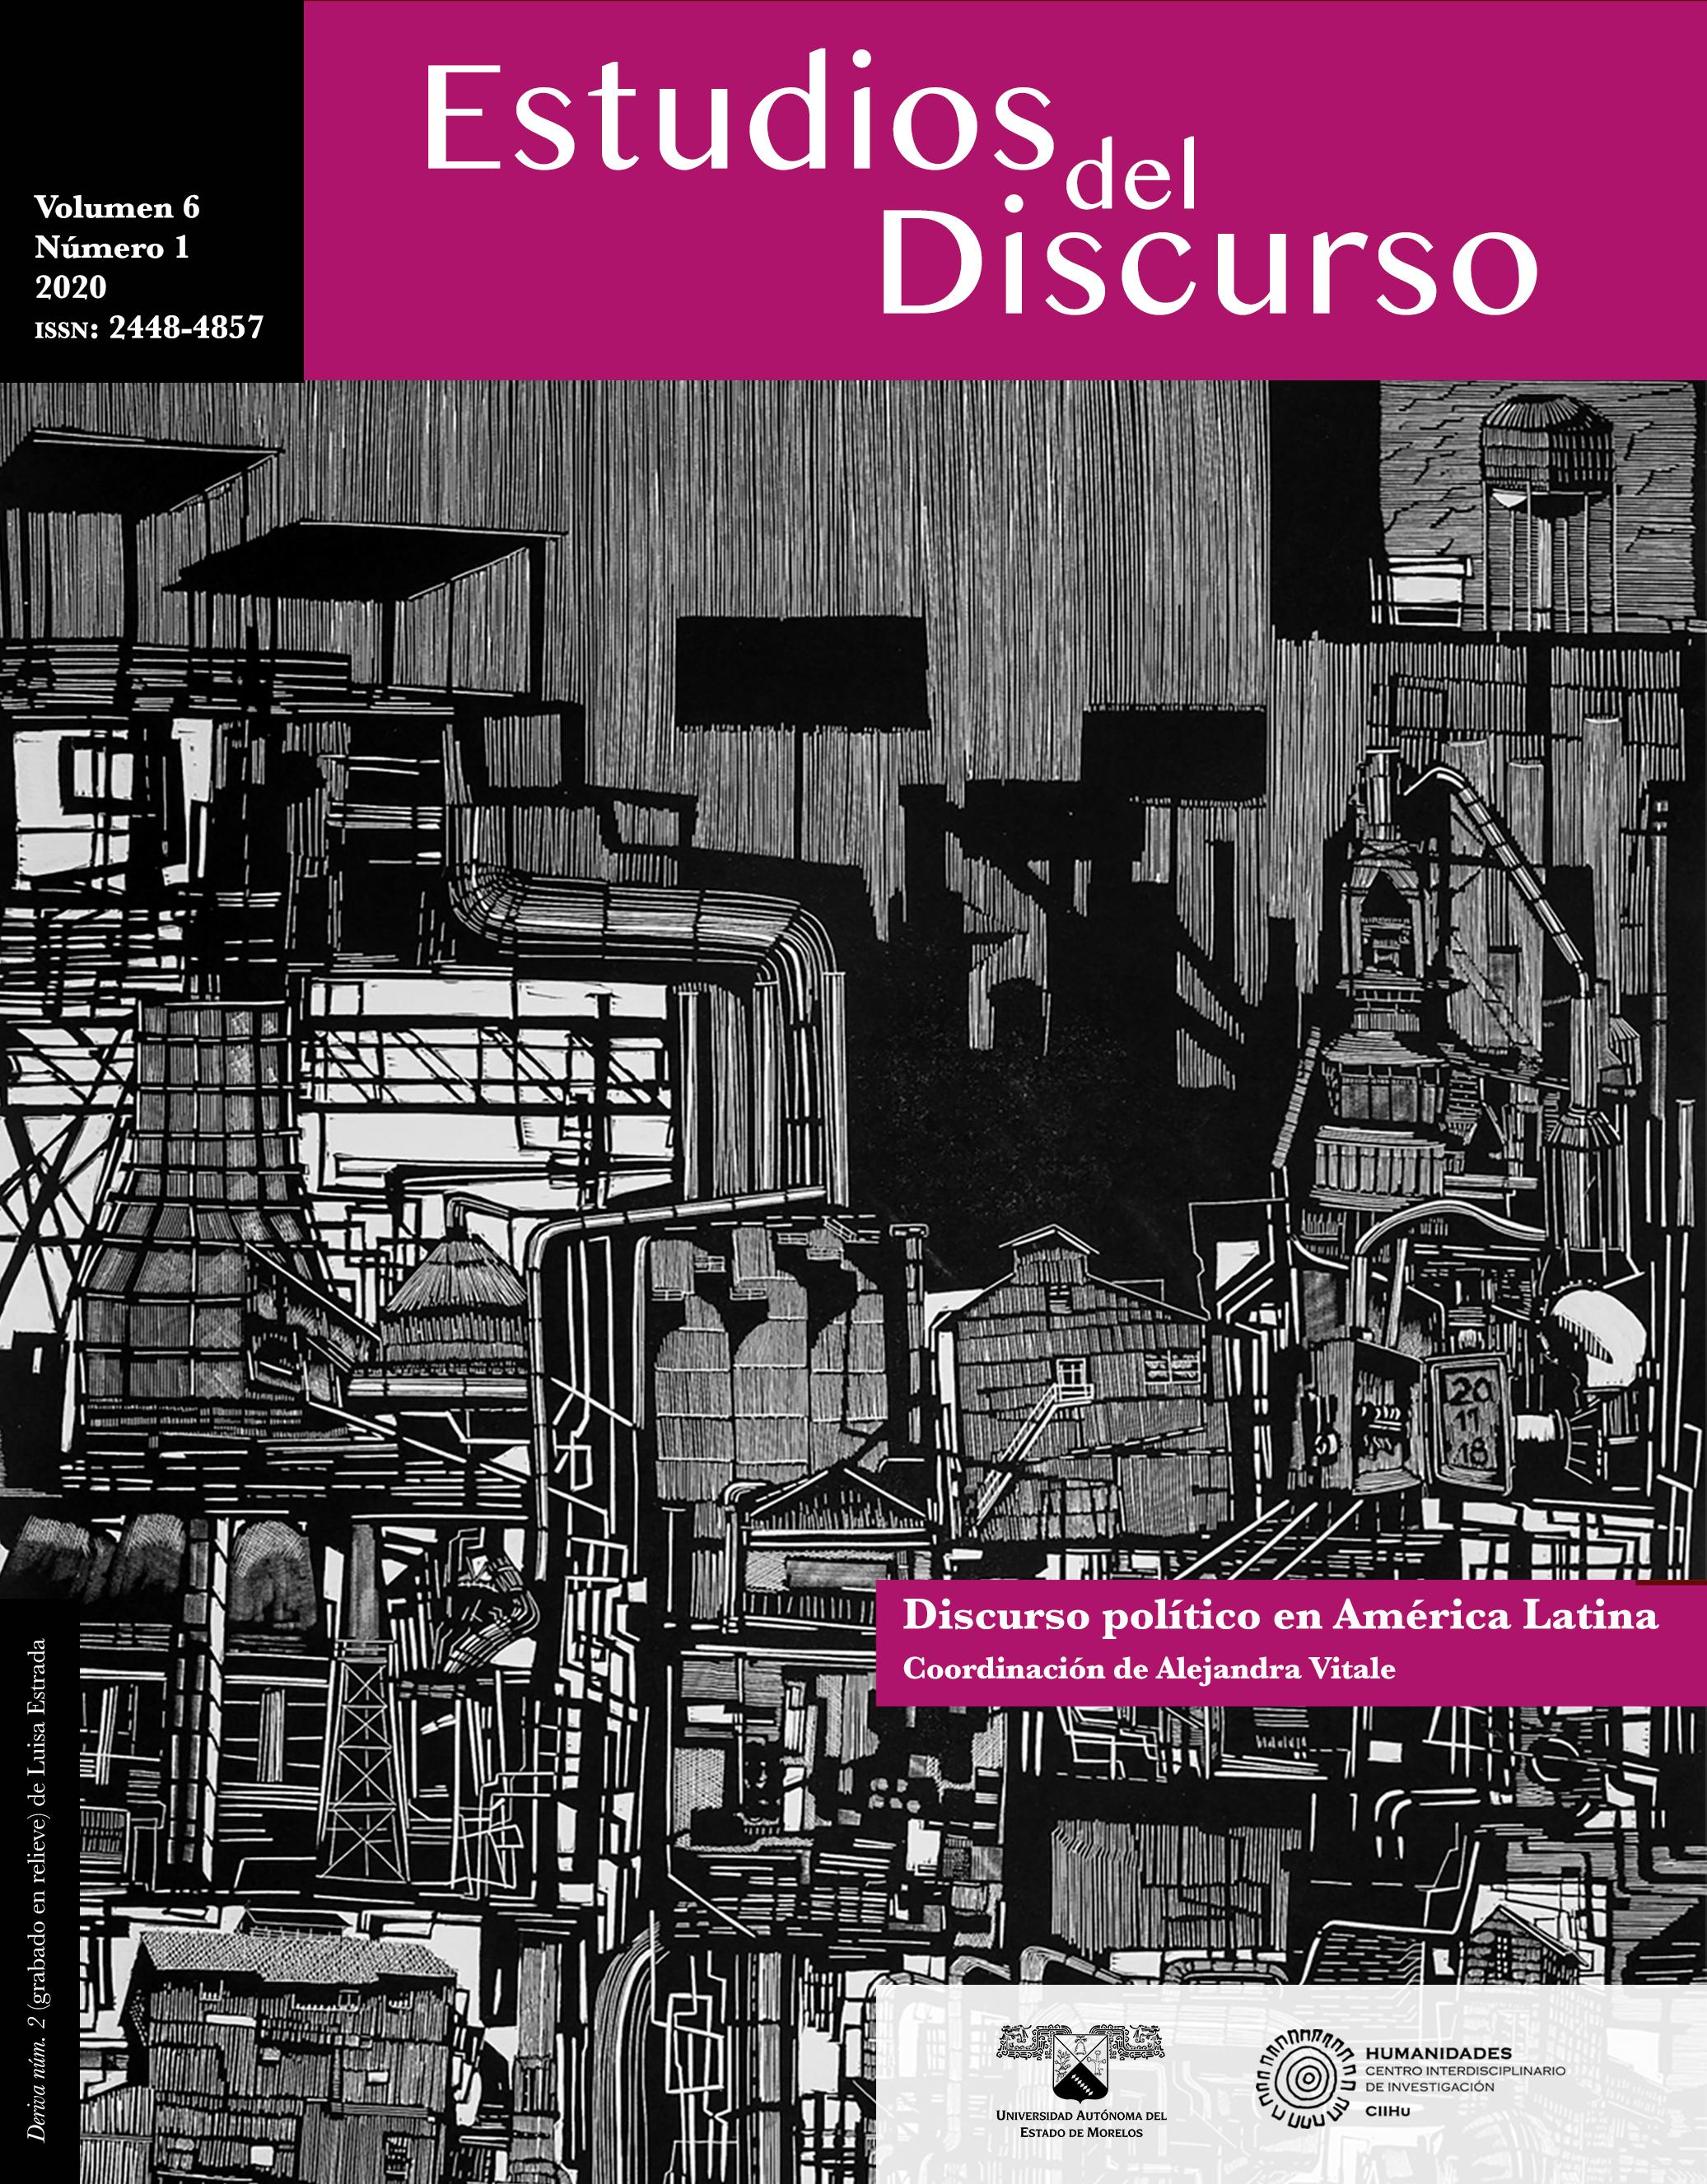 Ver Vol. 6 Núm. 1 (2020): Discurso político en América Latina